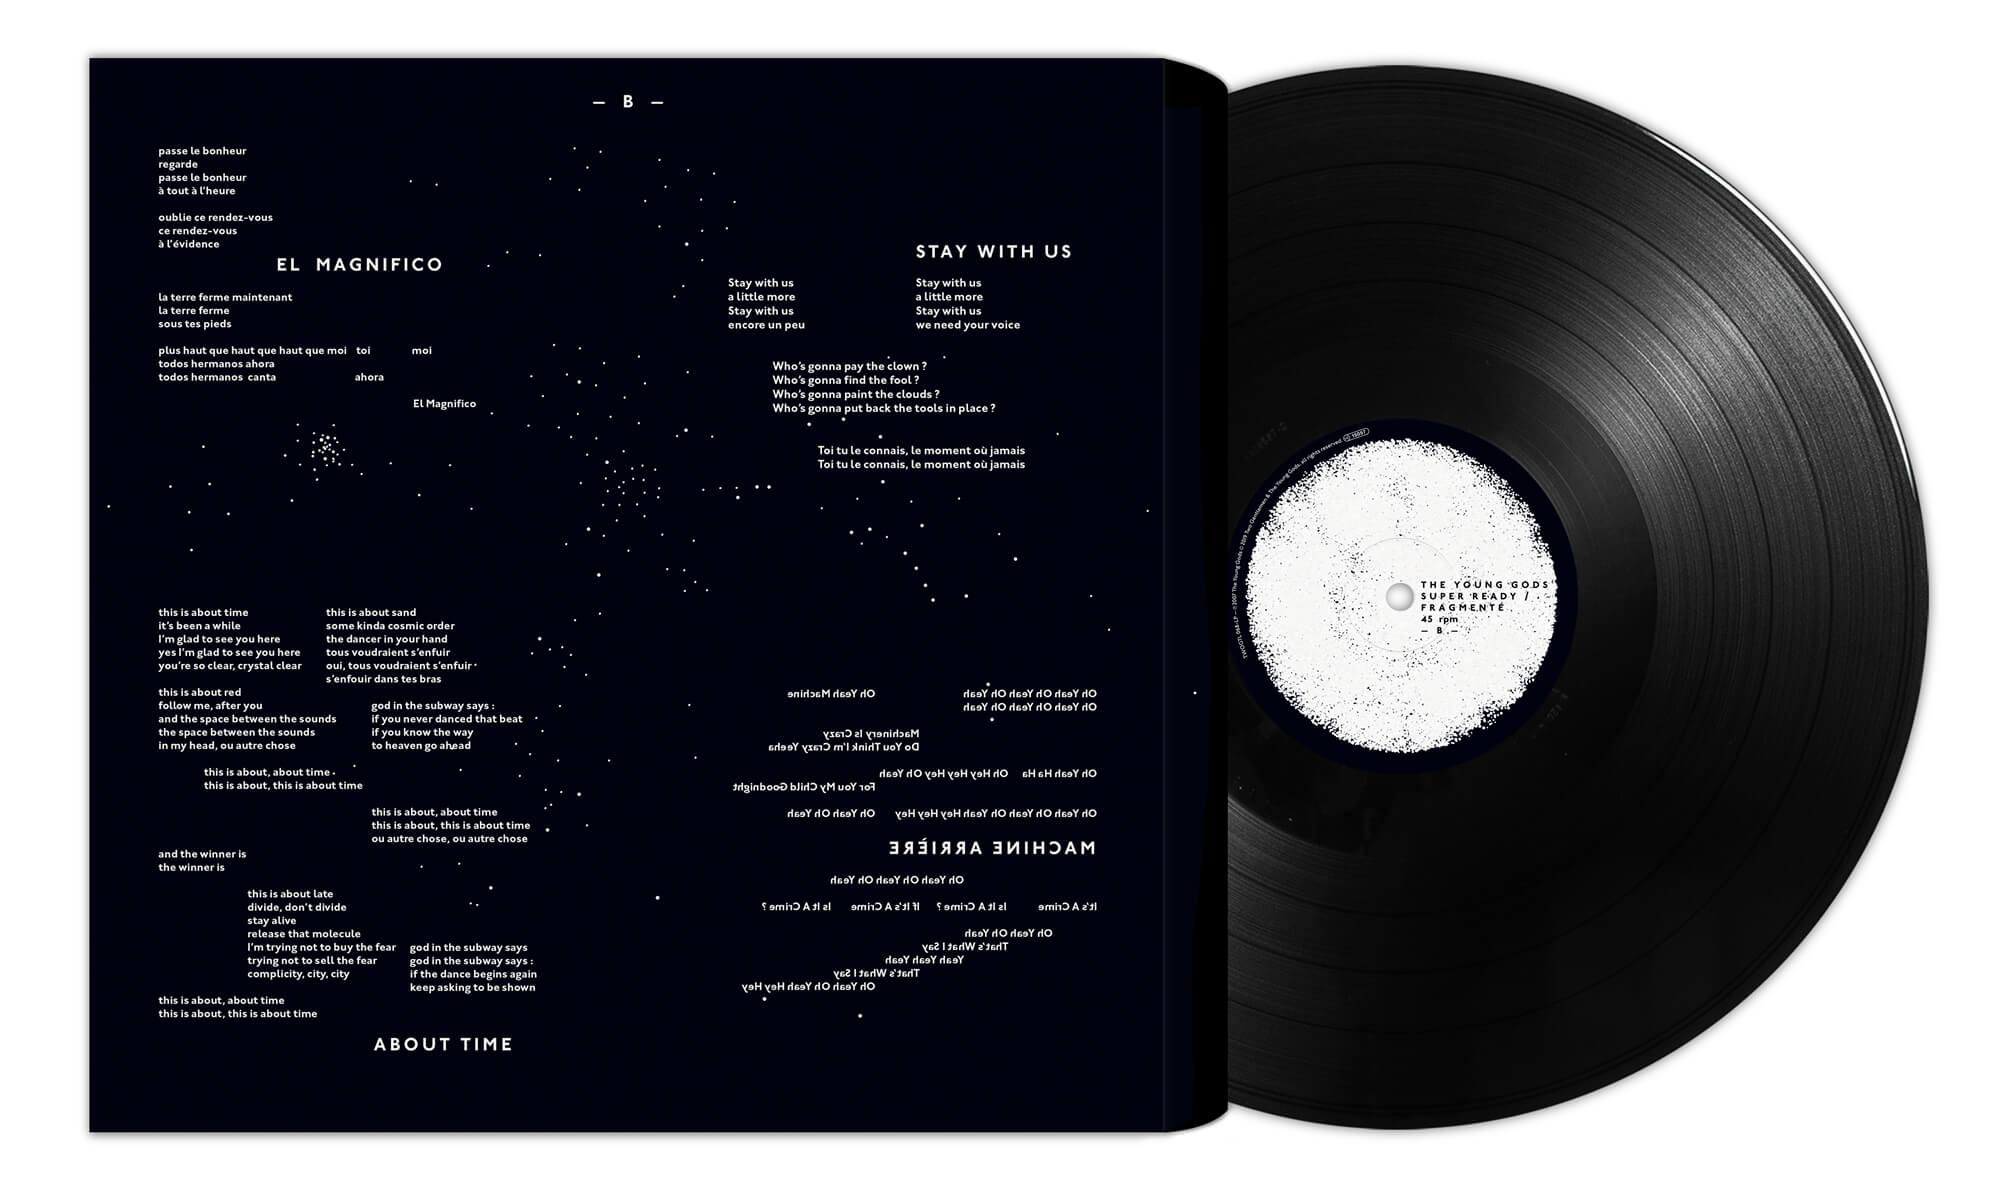 détail graphique en noir et blanc du vinyle Super Ready/Fragmenté du groupe de musique The young gods signé par les graphistes Ich&Kar